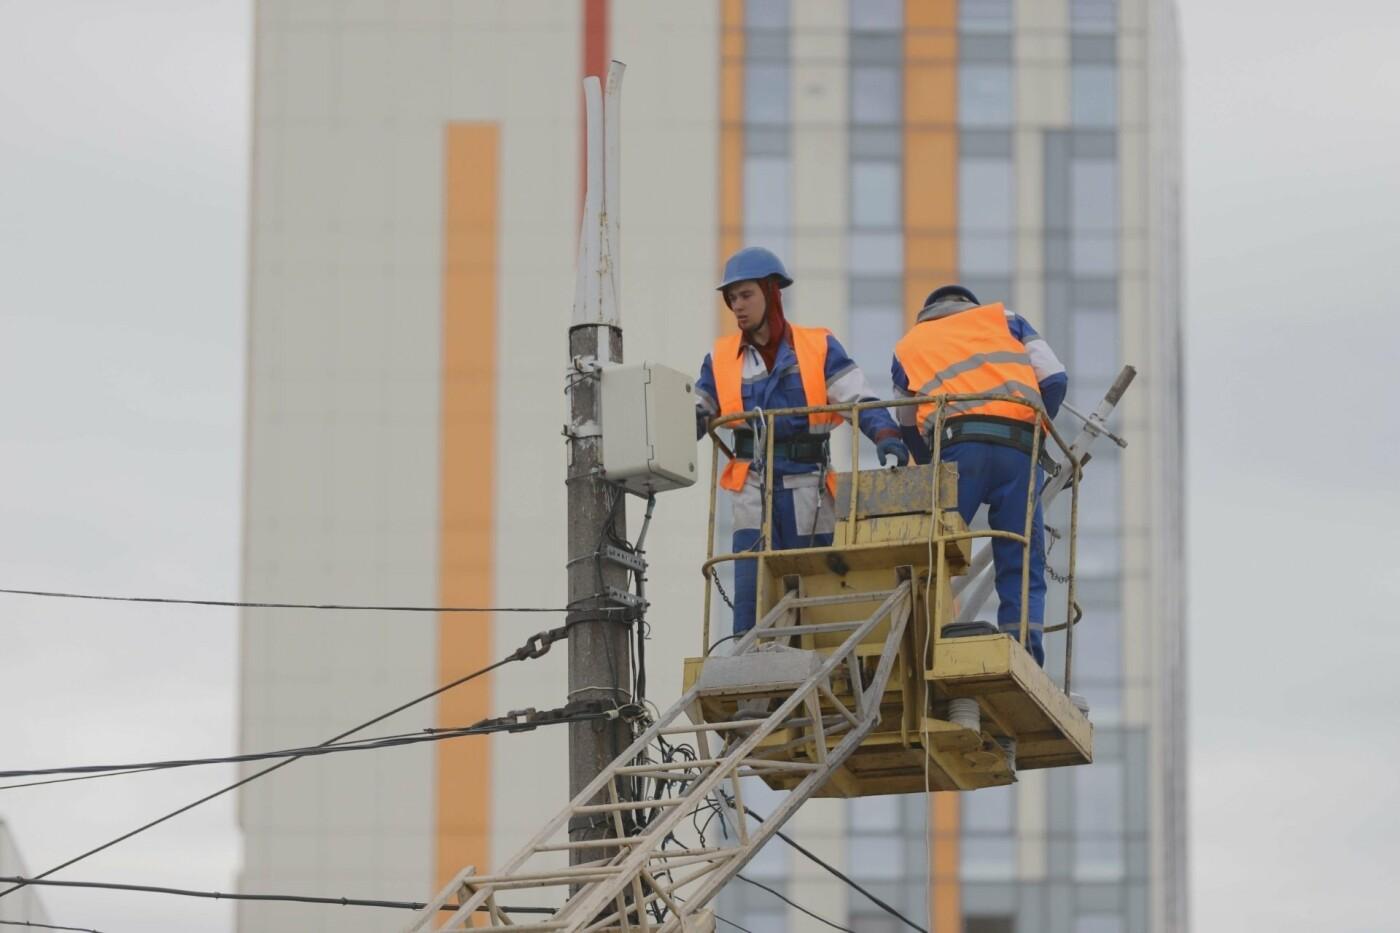 В Днепре продолжают модернизировать уличное освещение, - ФОТО, фото-7